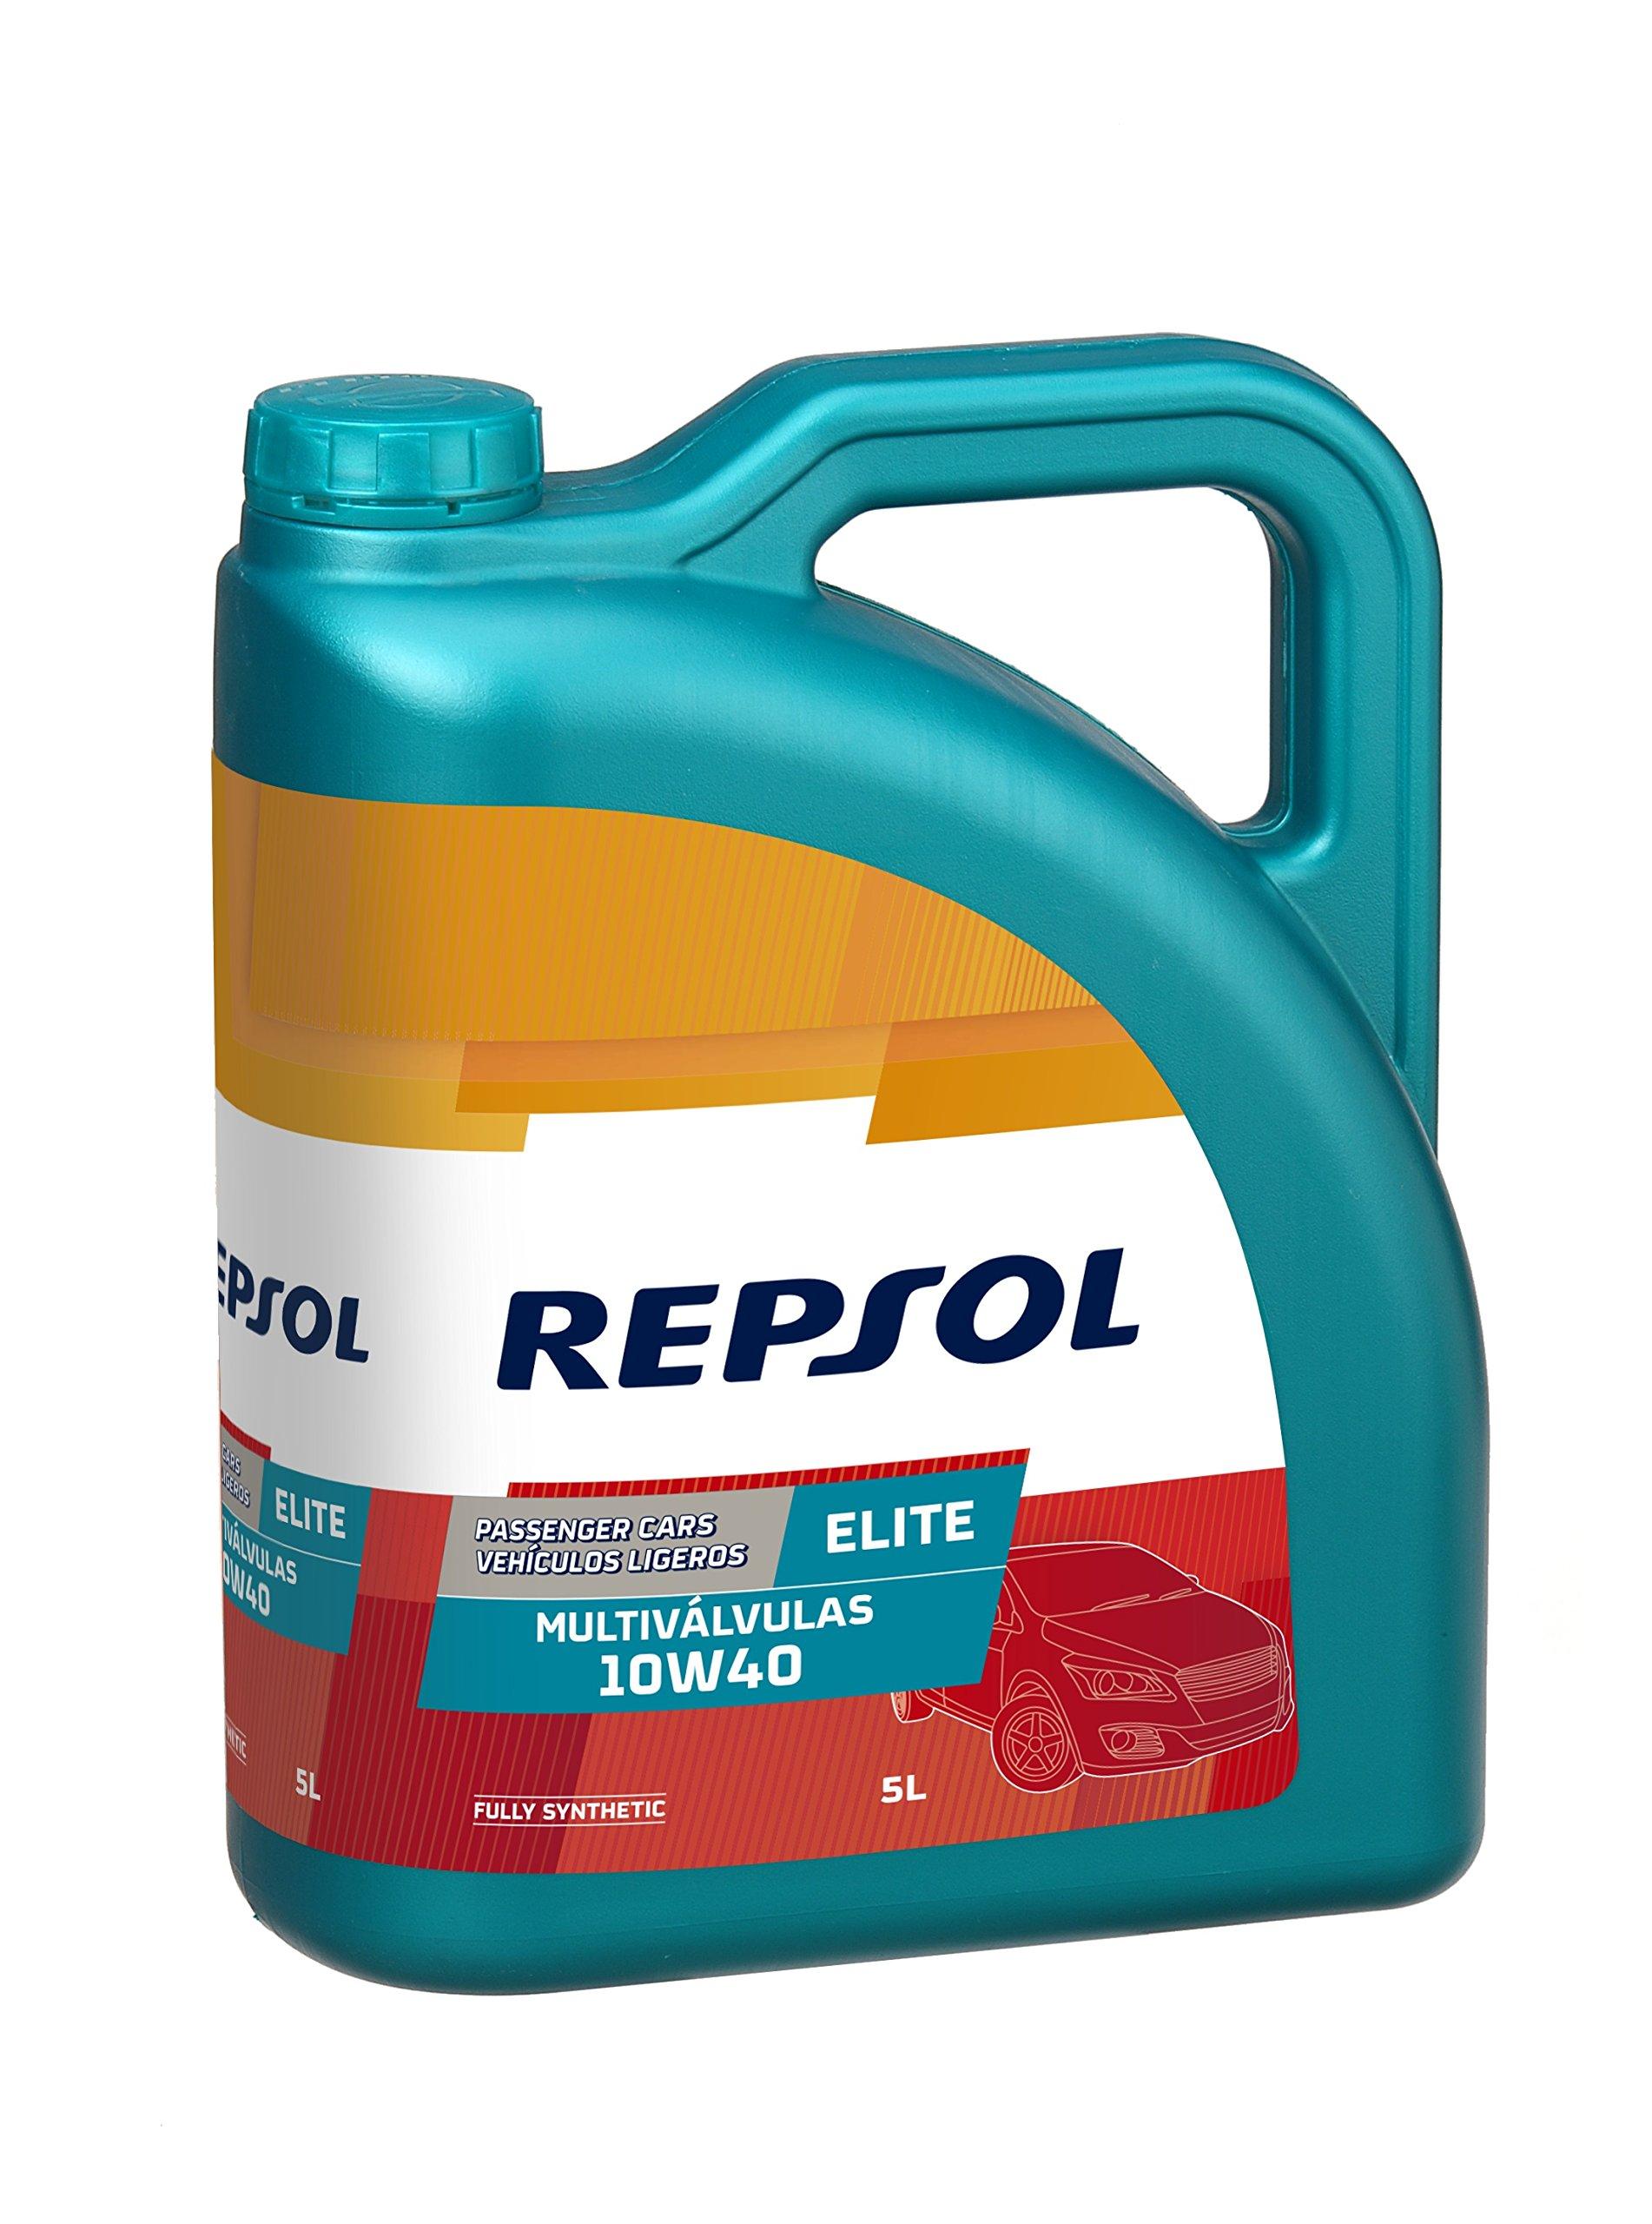 REPSOL ELITE MULTIVÁLVULAS 10W-40 product image